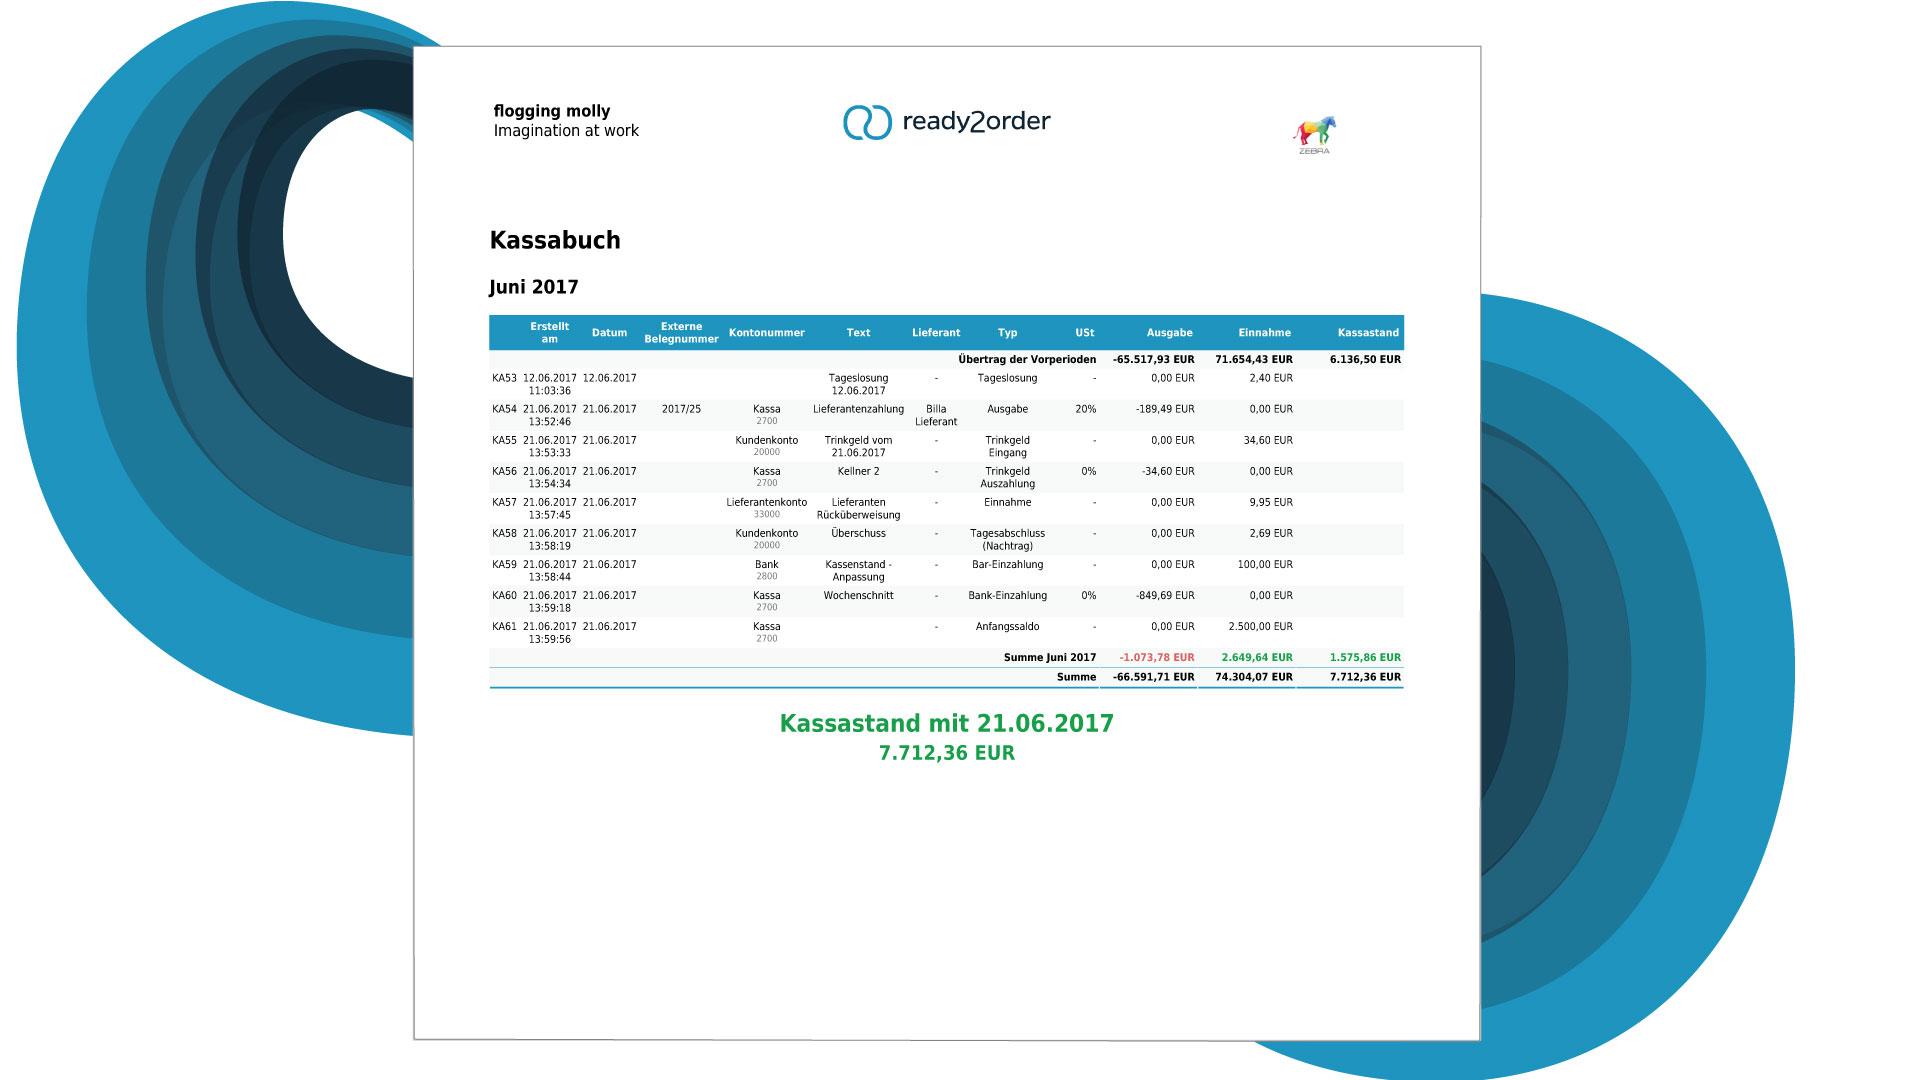 Kassenbuch-Vorlage-kostenlos-herunterladen